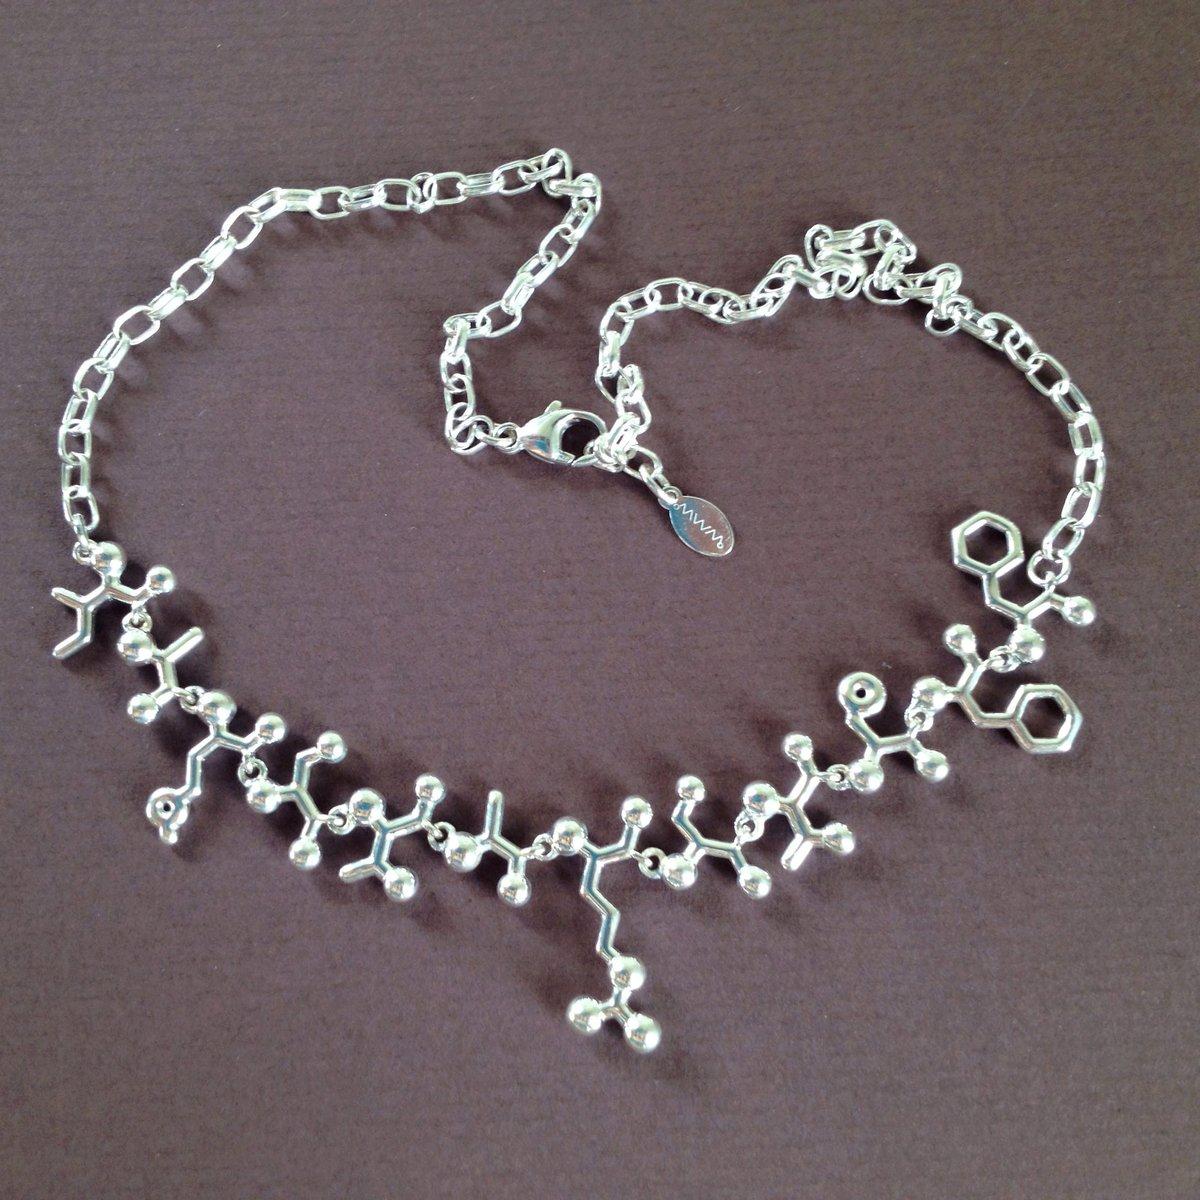 Image of I AM STARSTUFF necklace